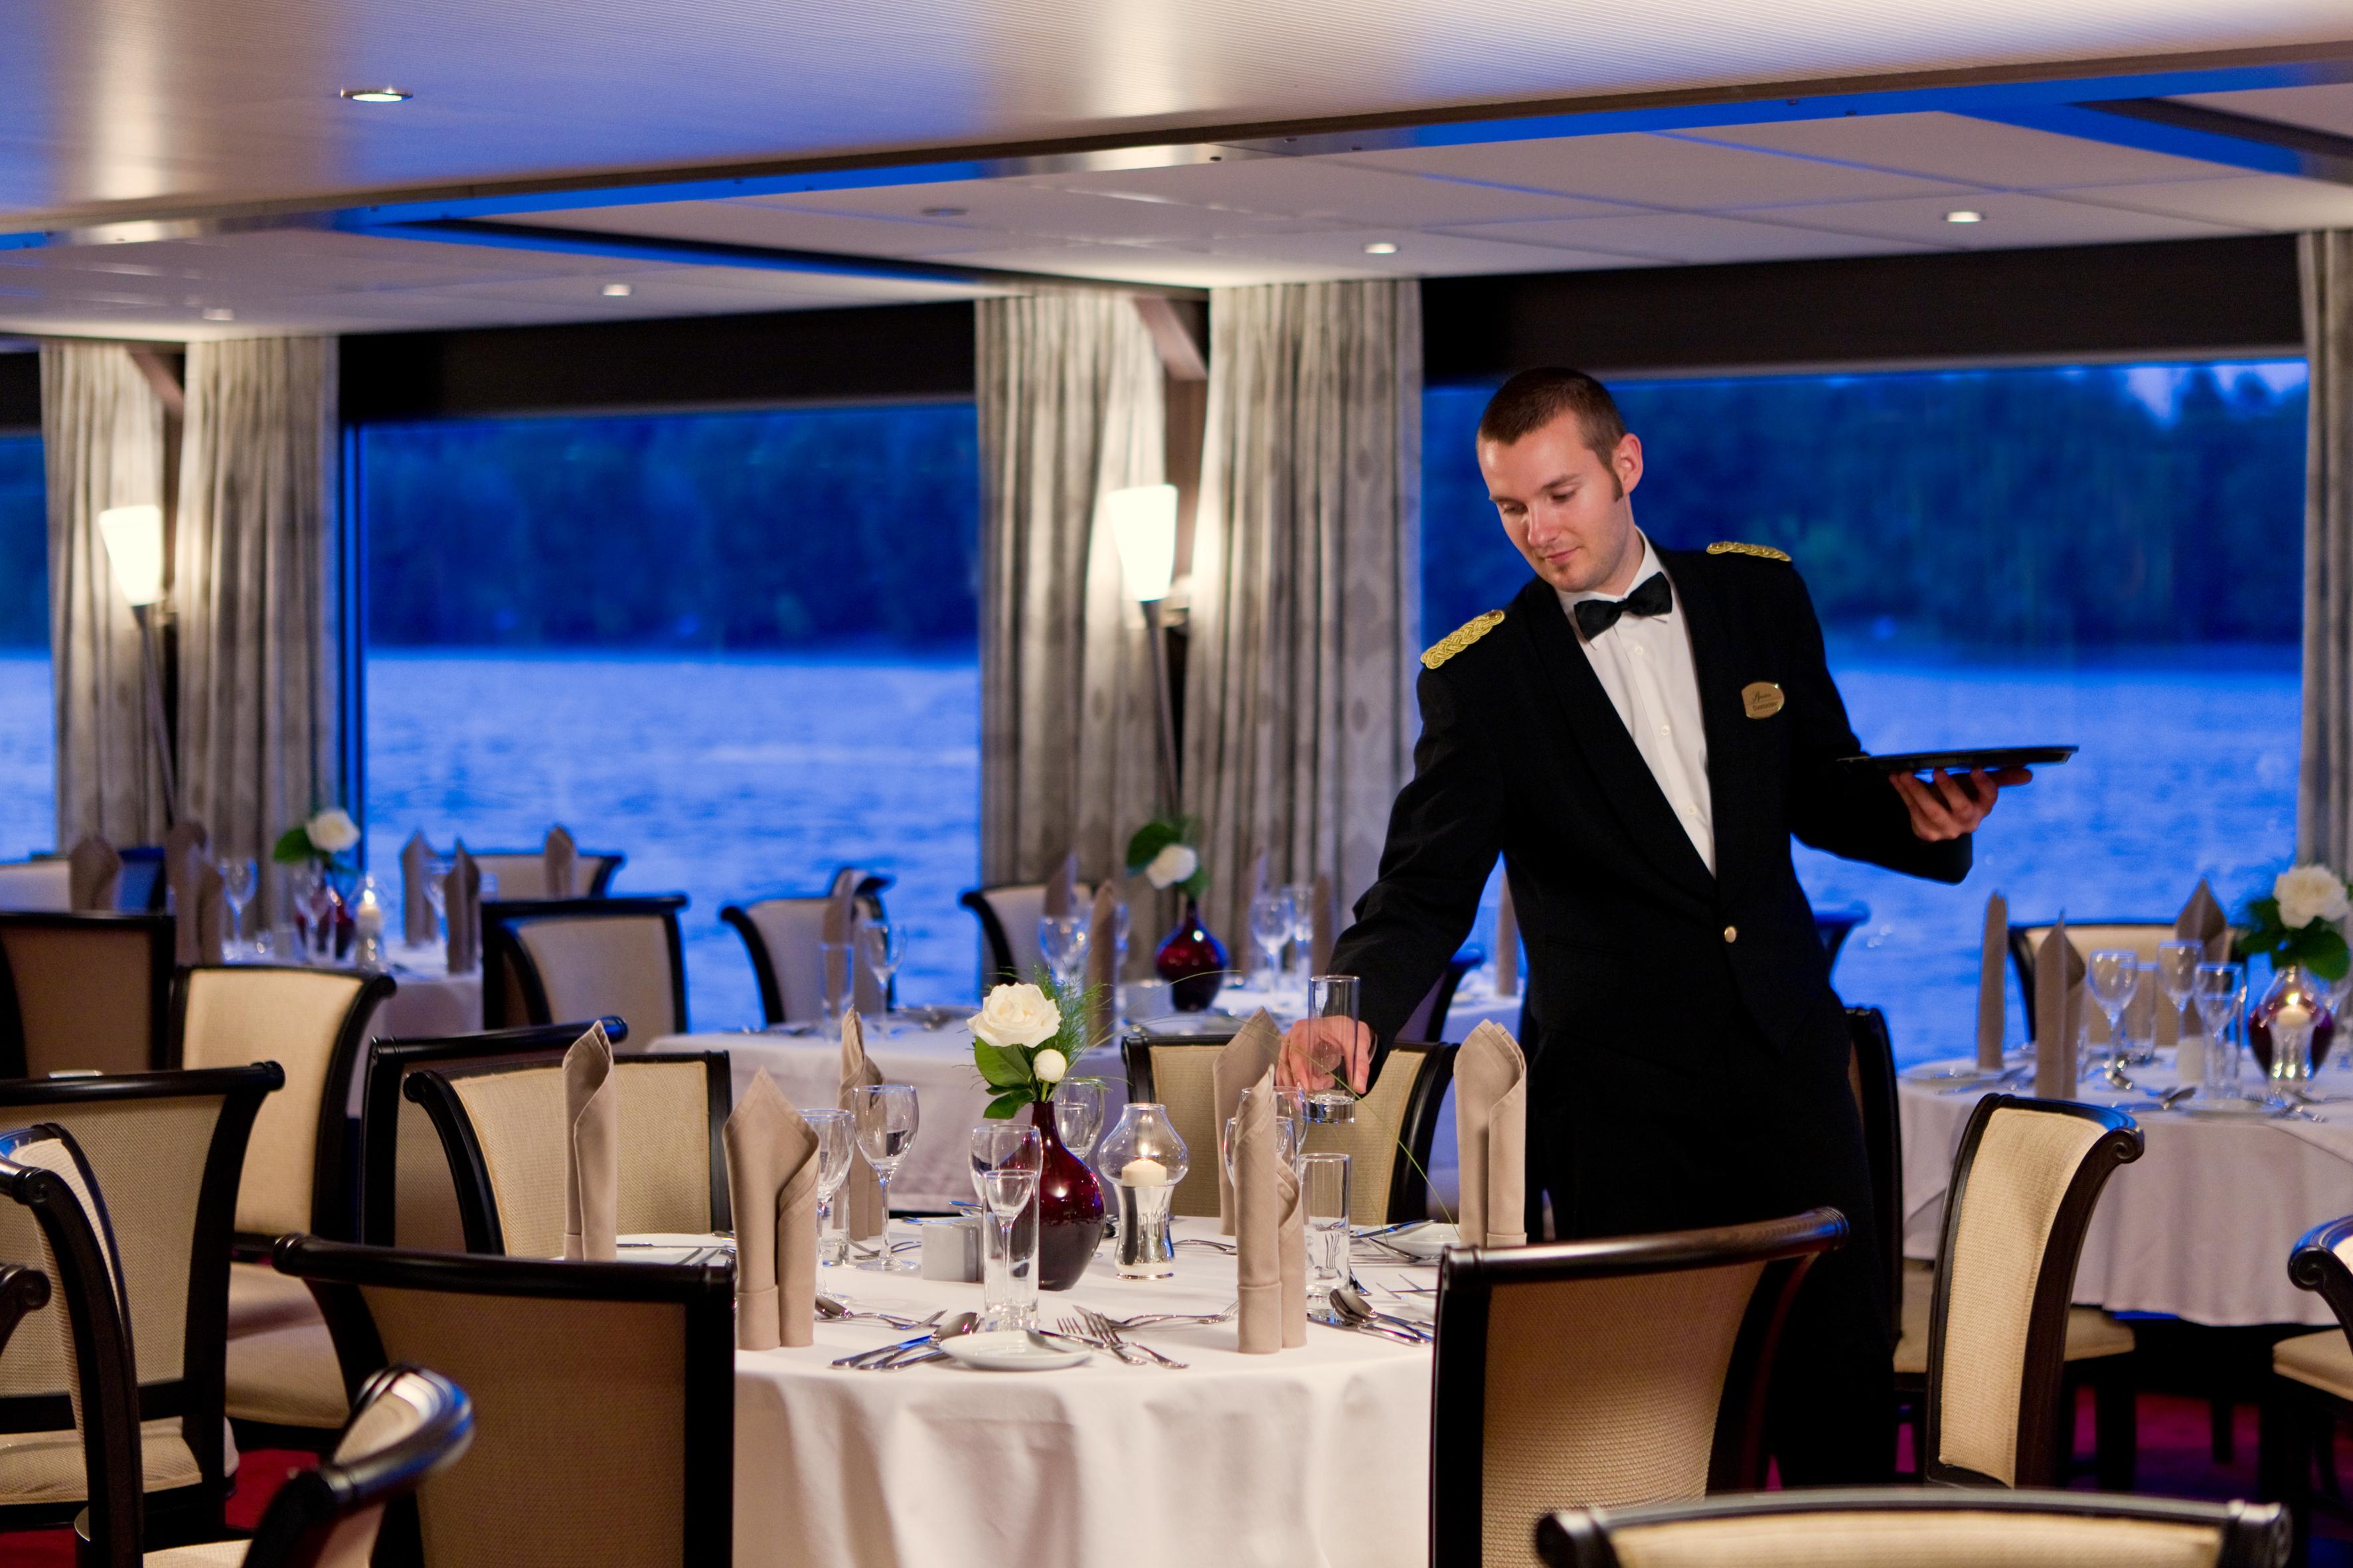 Restaurant - MS Amadeus Brilliant - Bild2 - Thumb